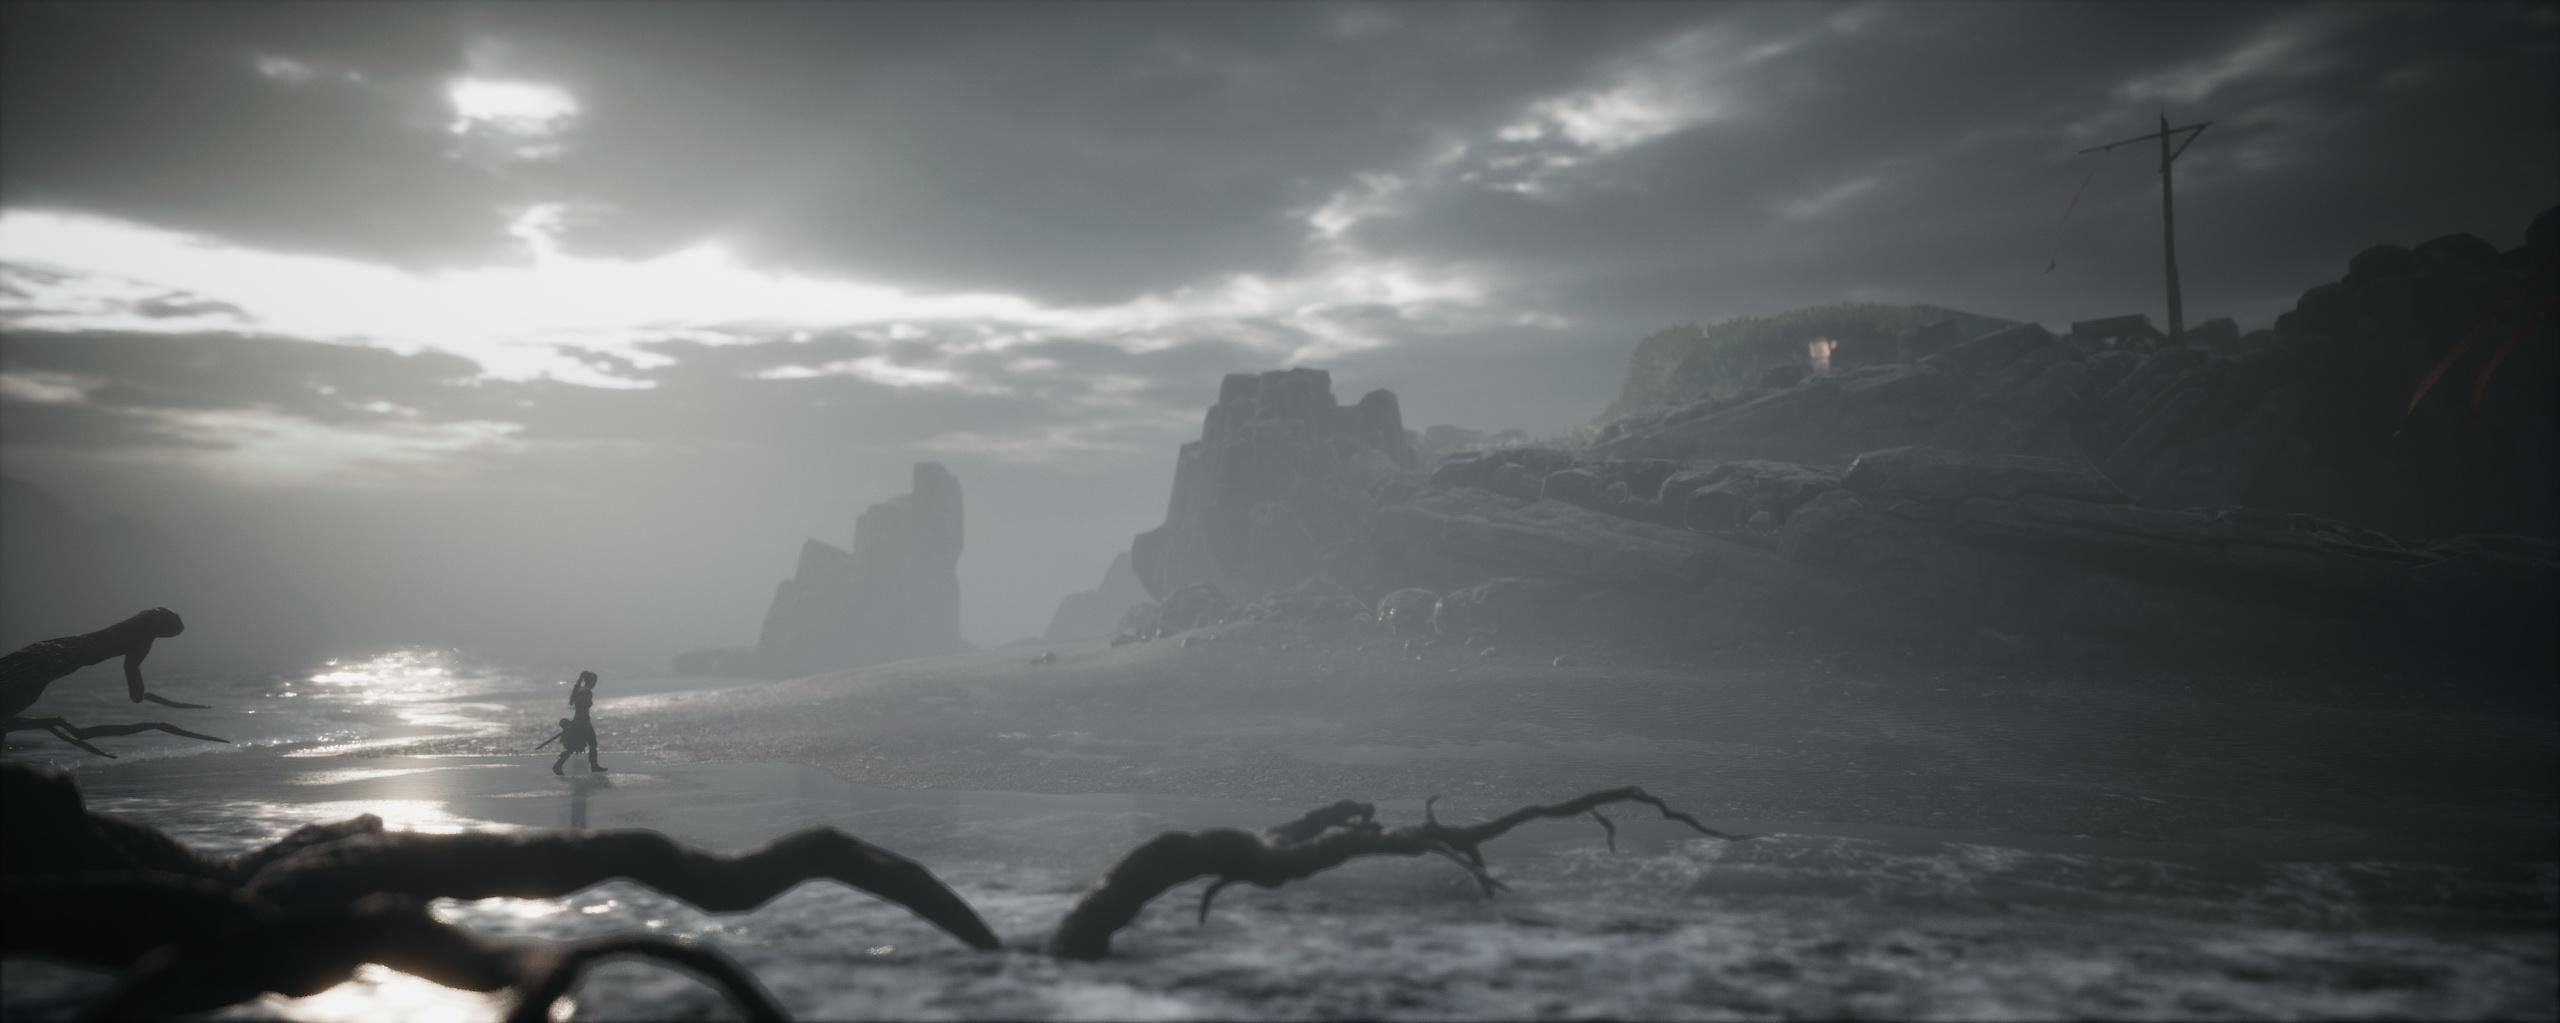 Hellblade: Senua's Sacrifice, кадр № 35